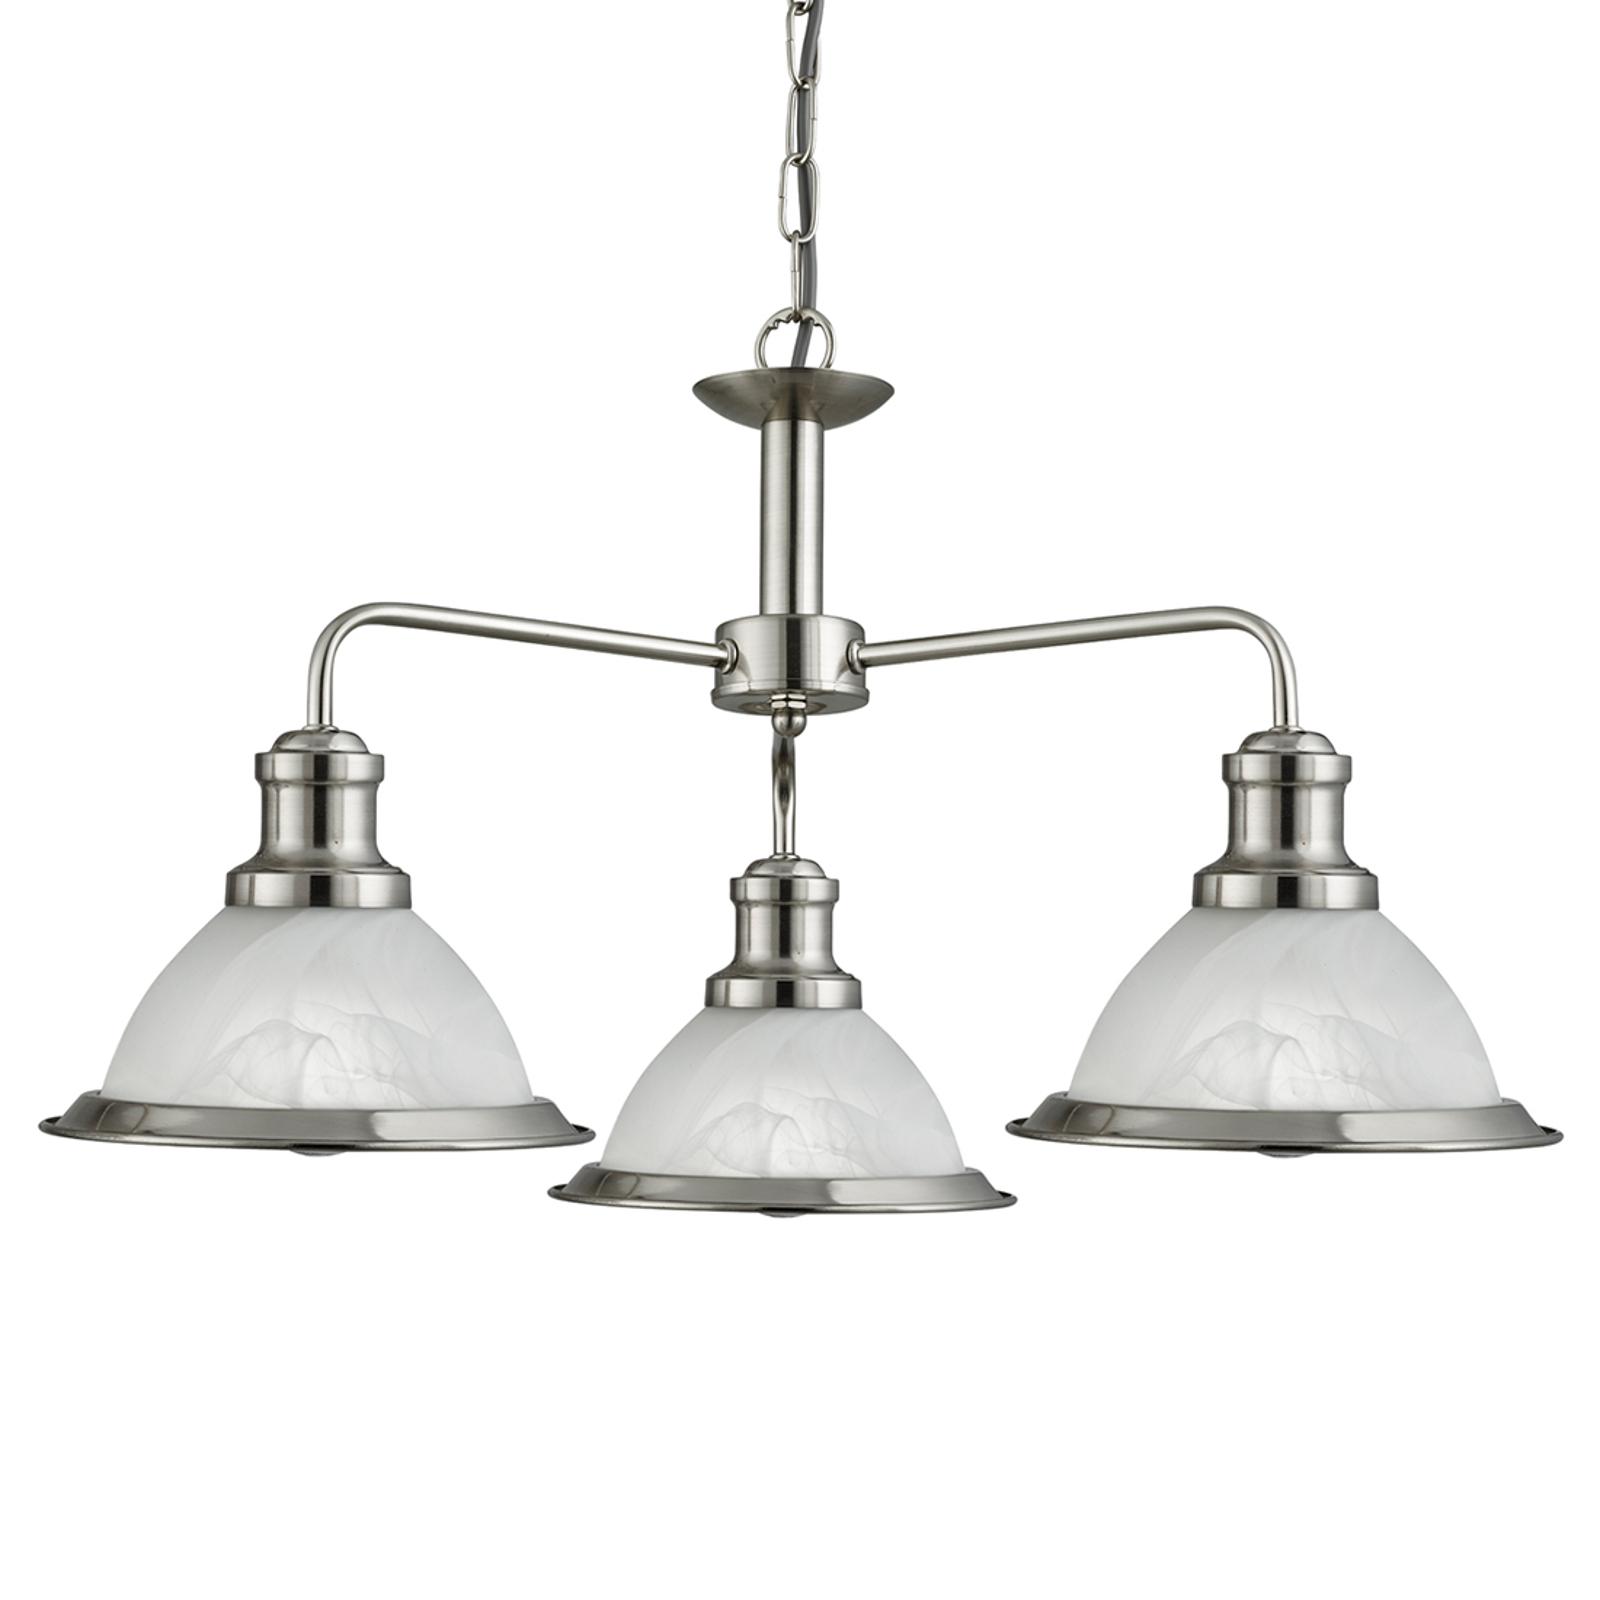 Hanglamp Bistro met 3 lichtbronnen in retro-stijl